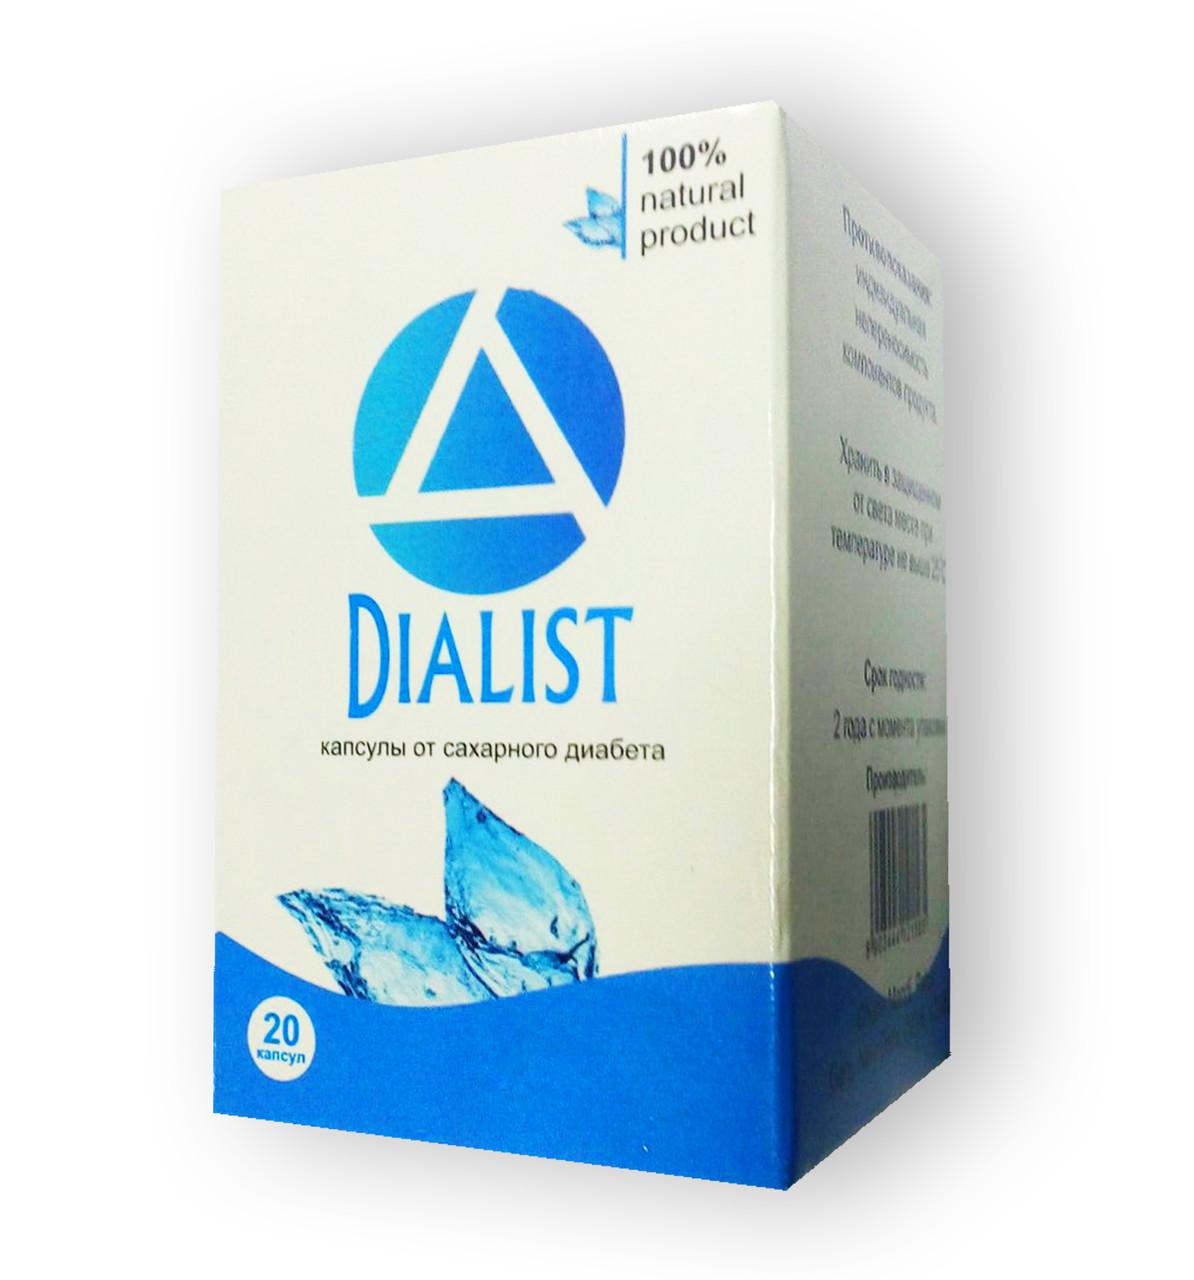 Dialist - Капсулы от диабета (Диалист)